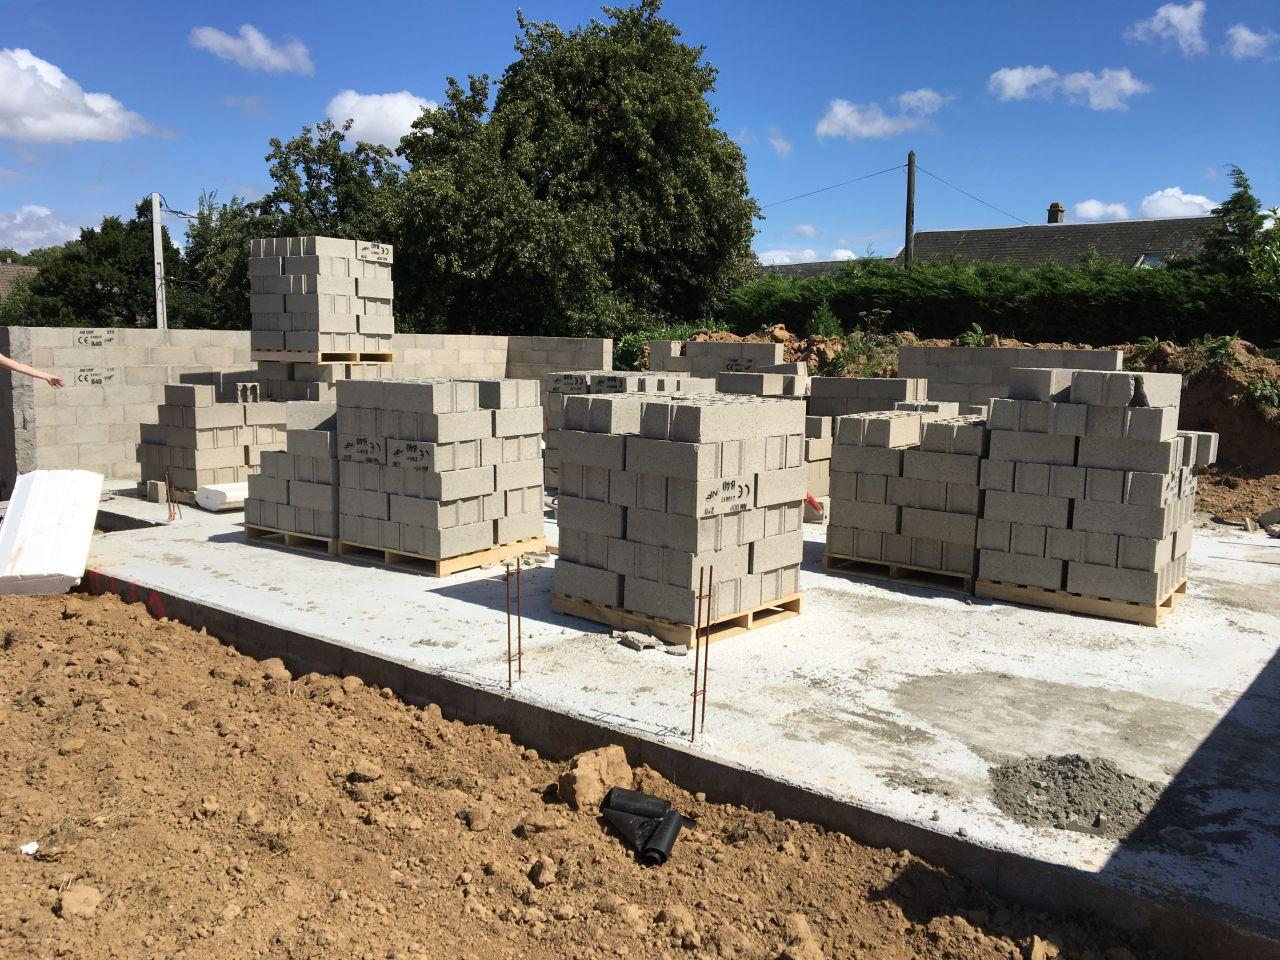 Après séchage de la dalle, parpaings déposées pour l'élévation des murs du rez-de-chaussée.